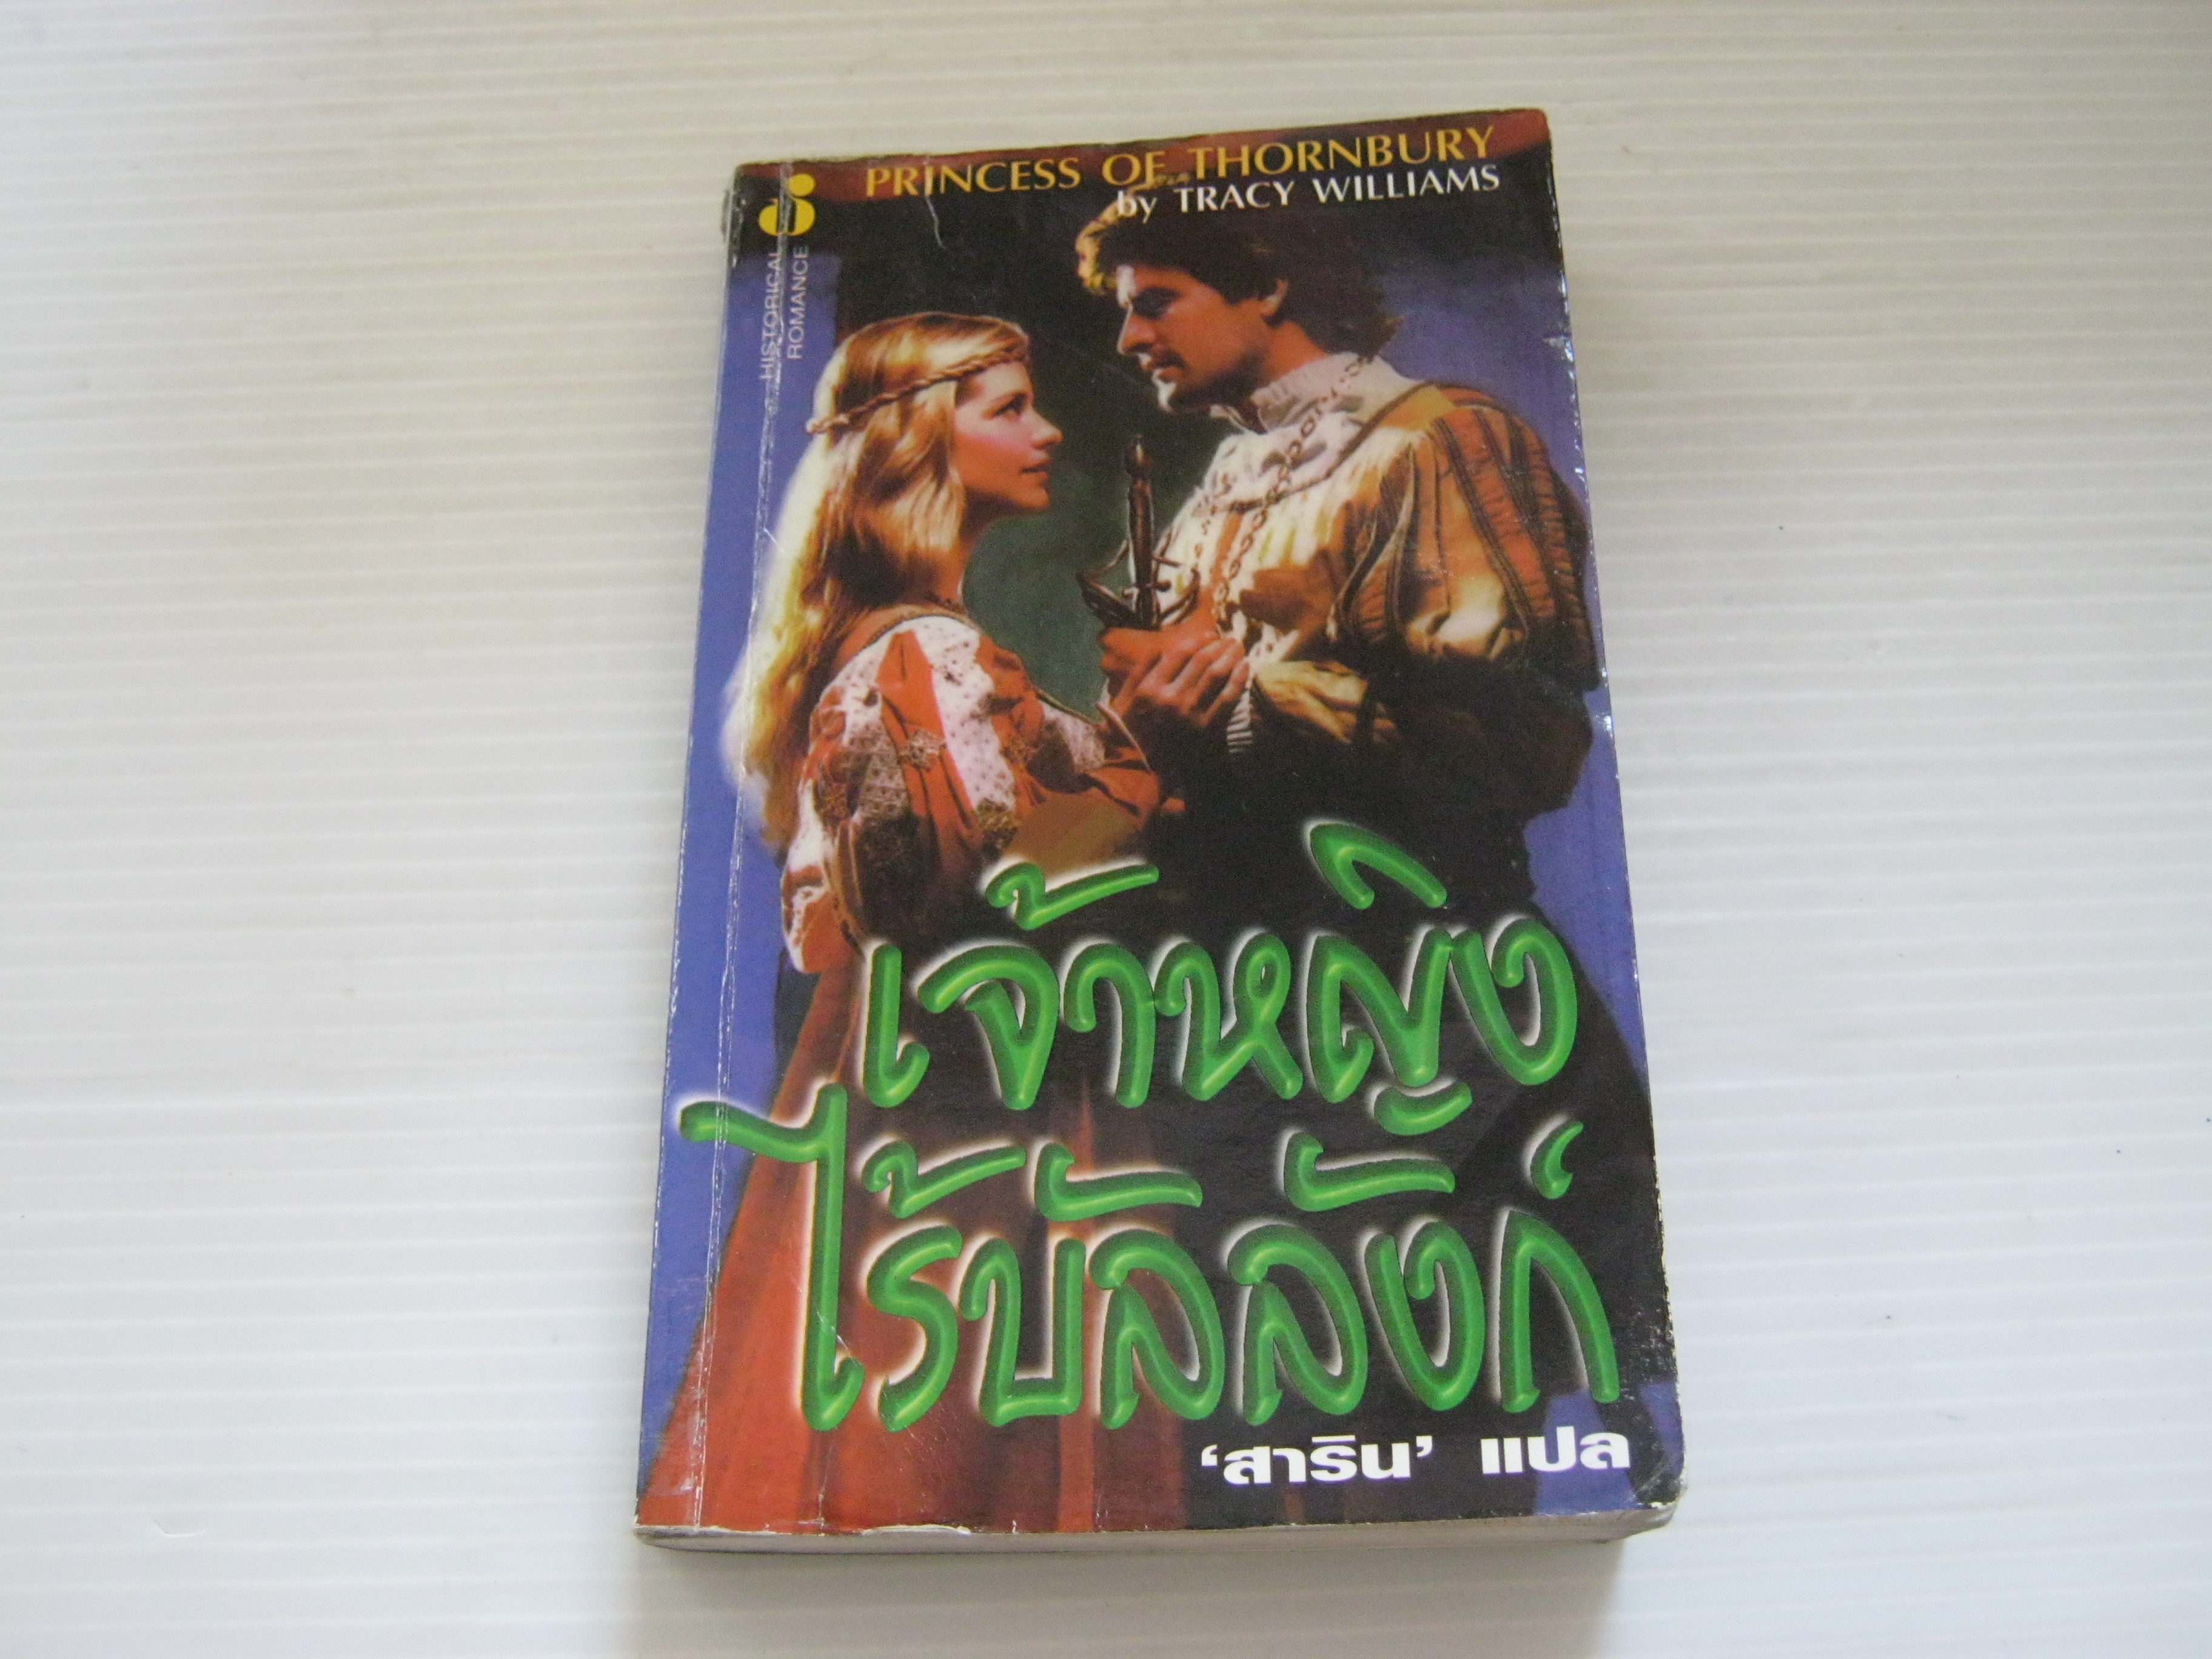 เจ้าหญิงไร้บัลลังก์ (Princess of Thornbury) Tracy Williams เขียน สาริน แปล